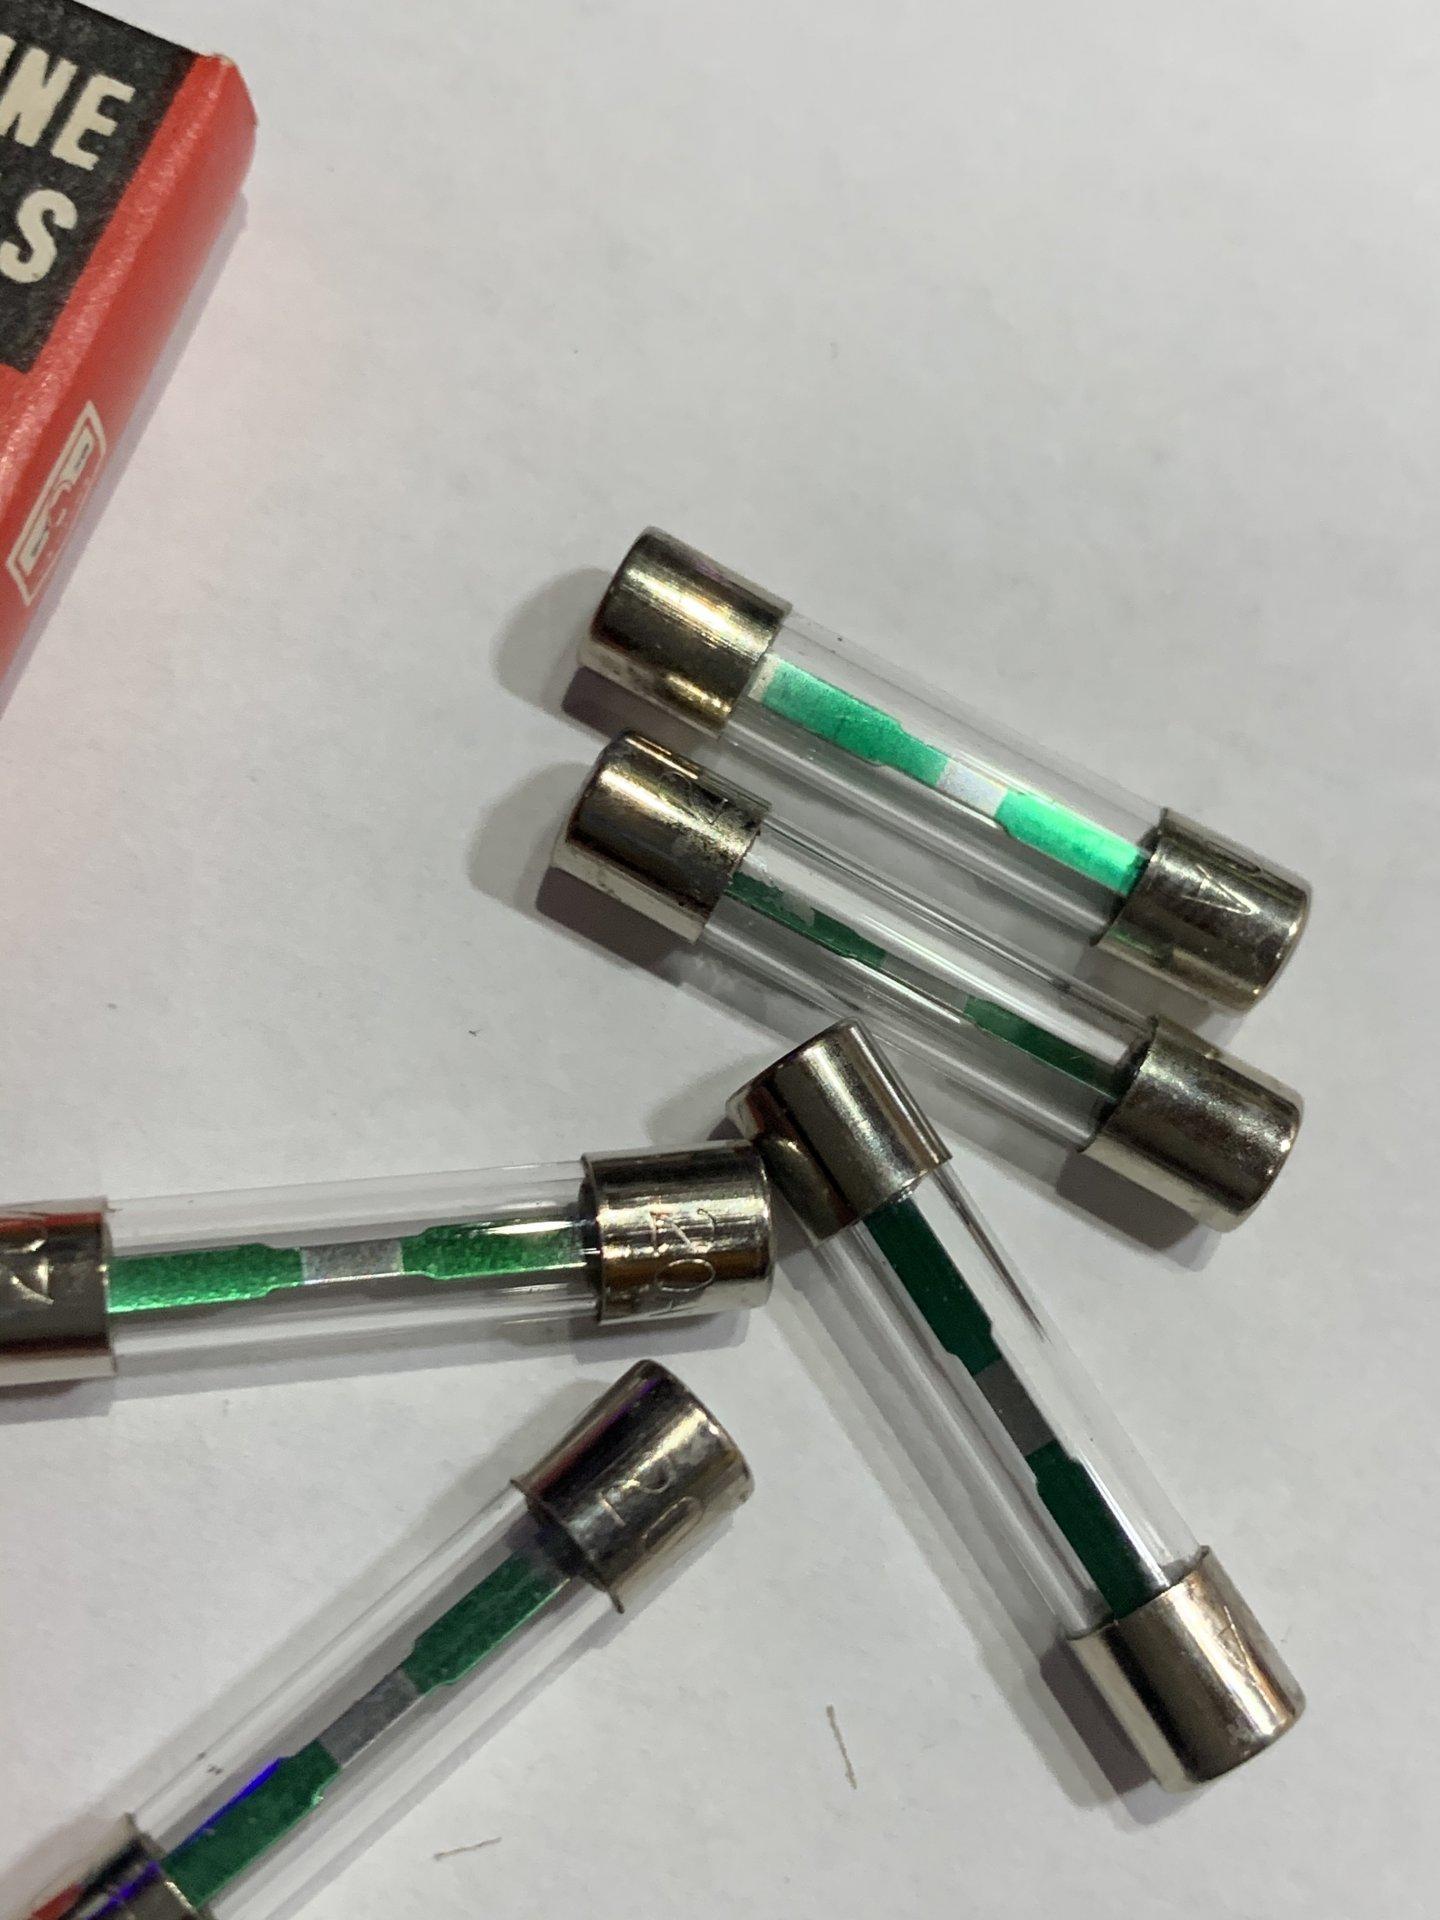 0202B265-FDE5-46BE-BCD5-6995580CEC34.jpeg